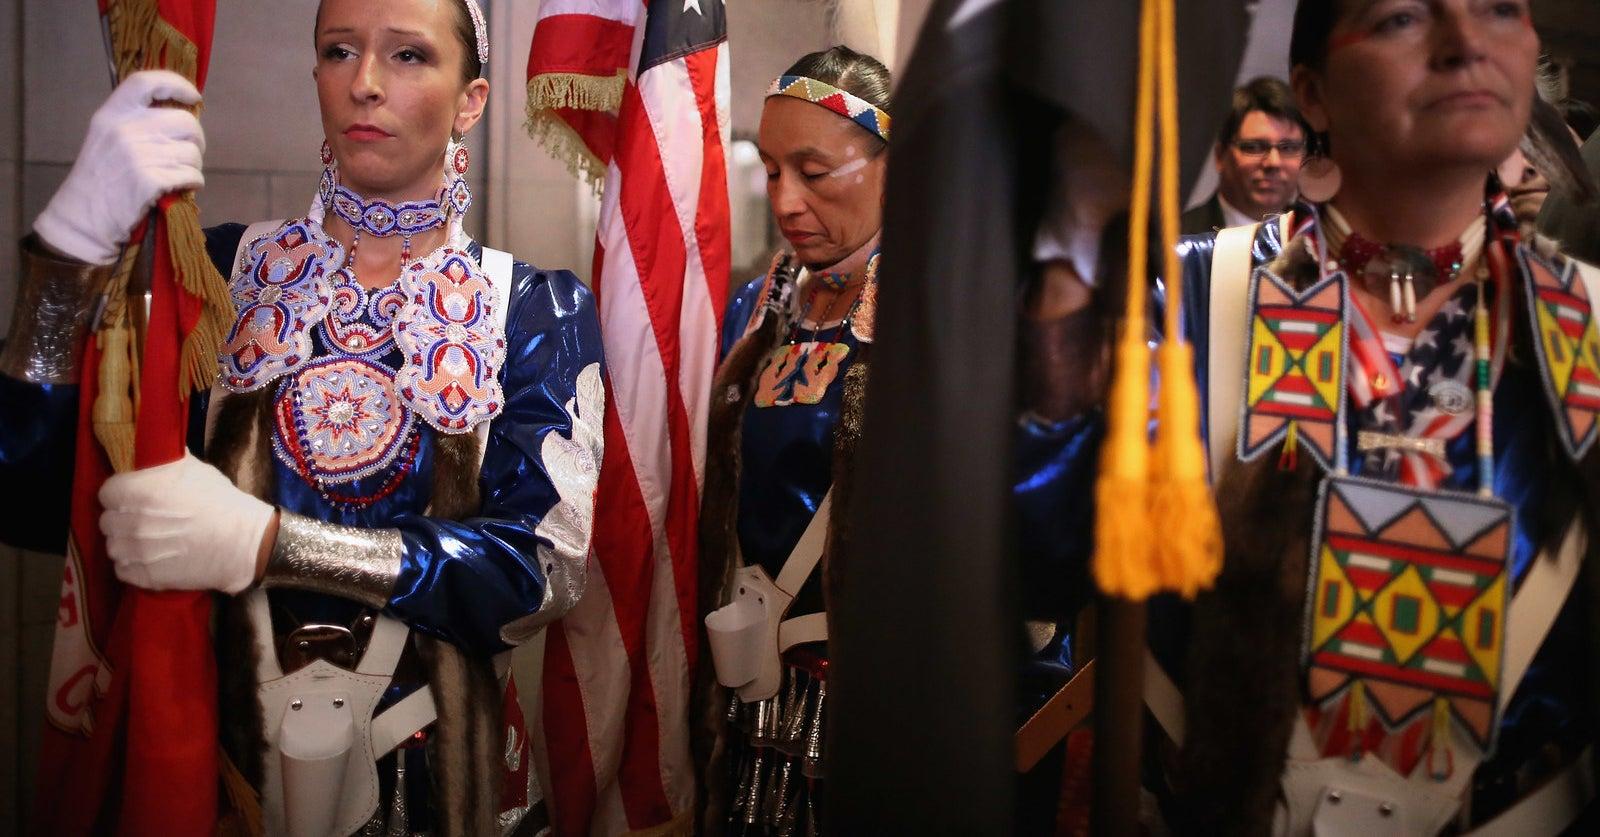 sexy native american women spreading close